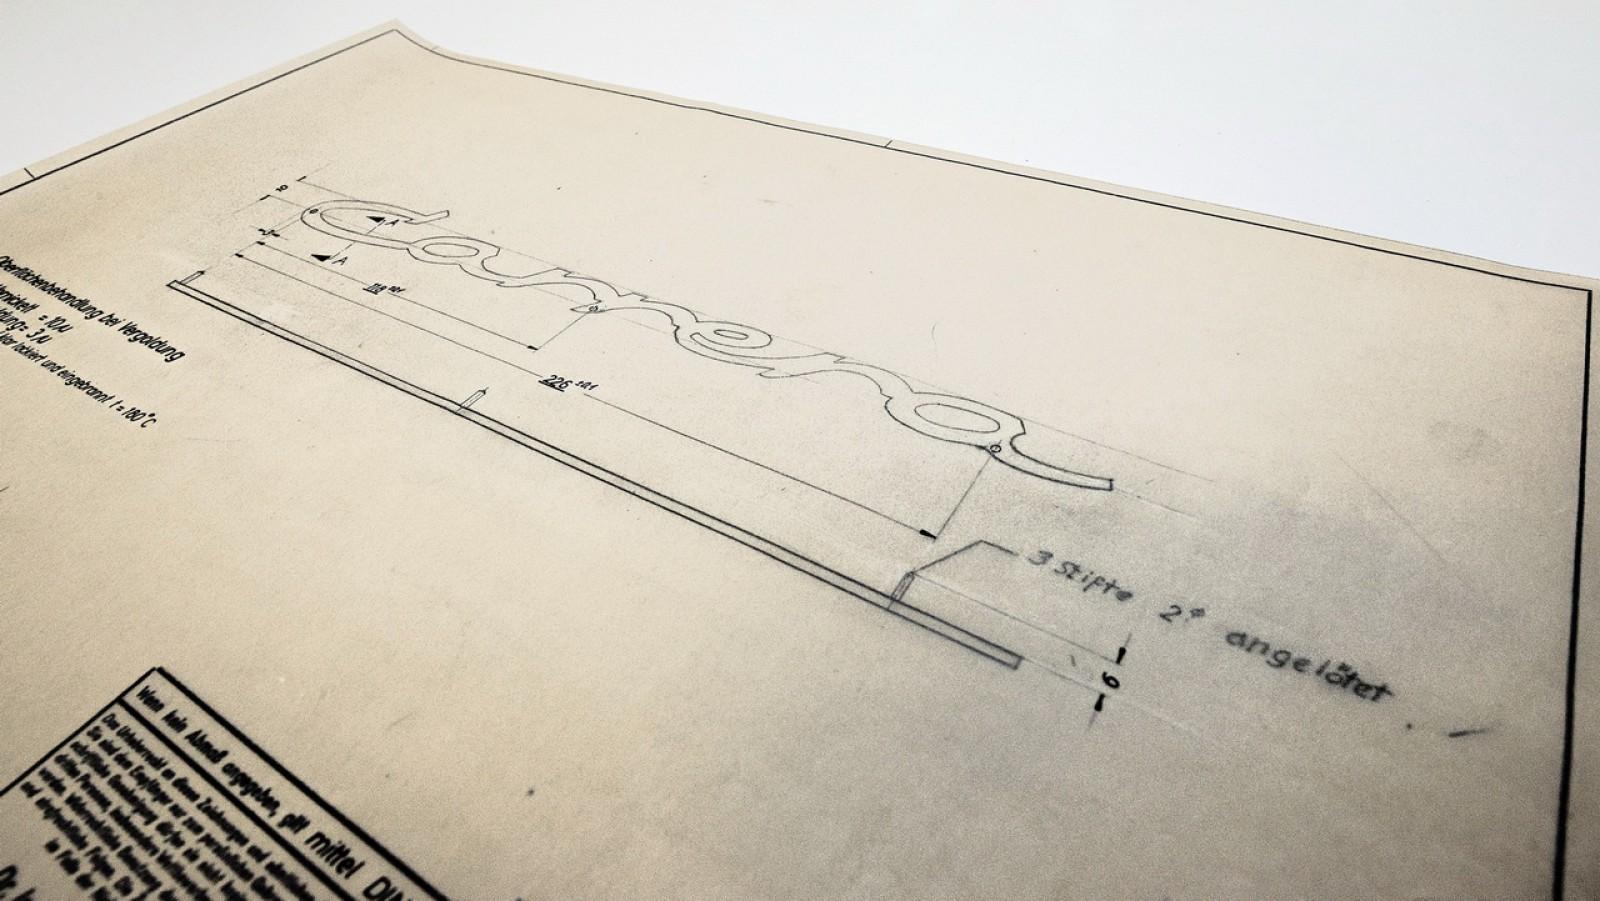 (foto) O istorie întreagă! Arhiva Porsche conţine peste 100000 de coli de hârtie